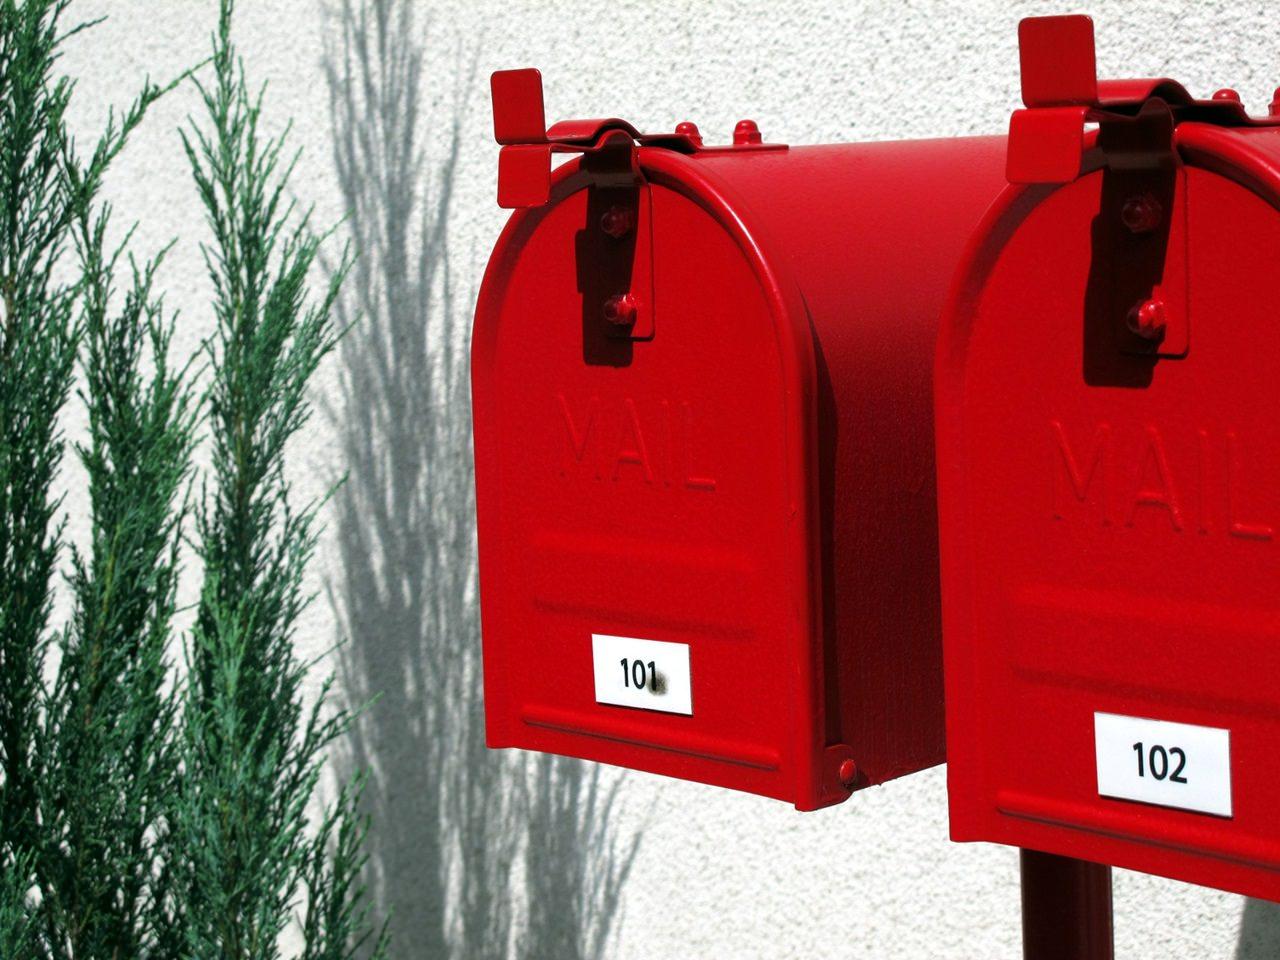 転居時の郵便物転送サービスは期間延長(更新)できるって知ってましたか?